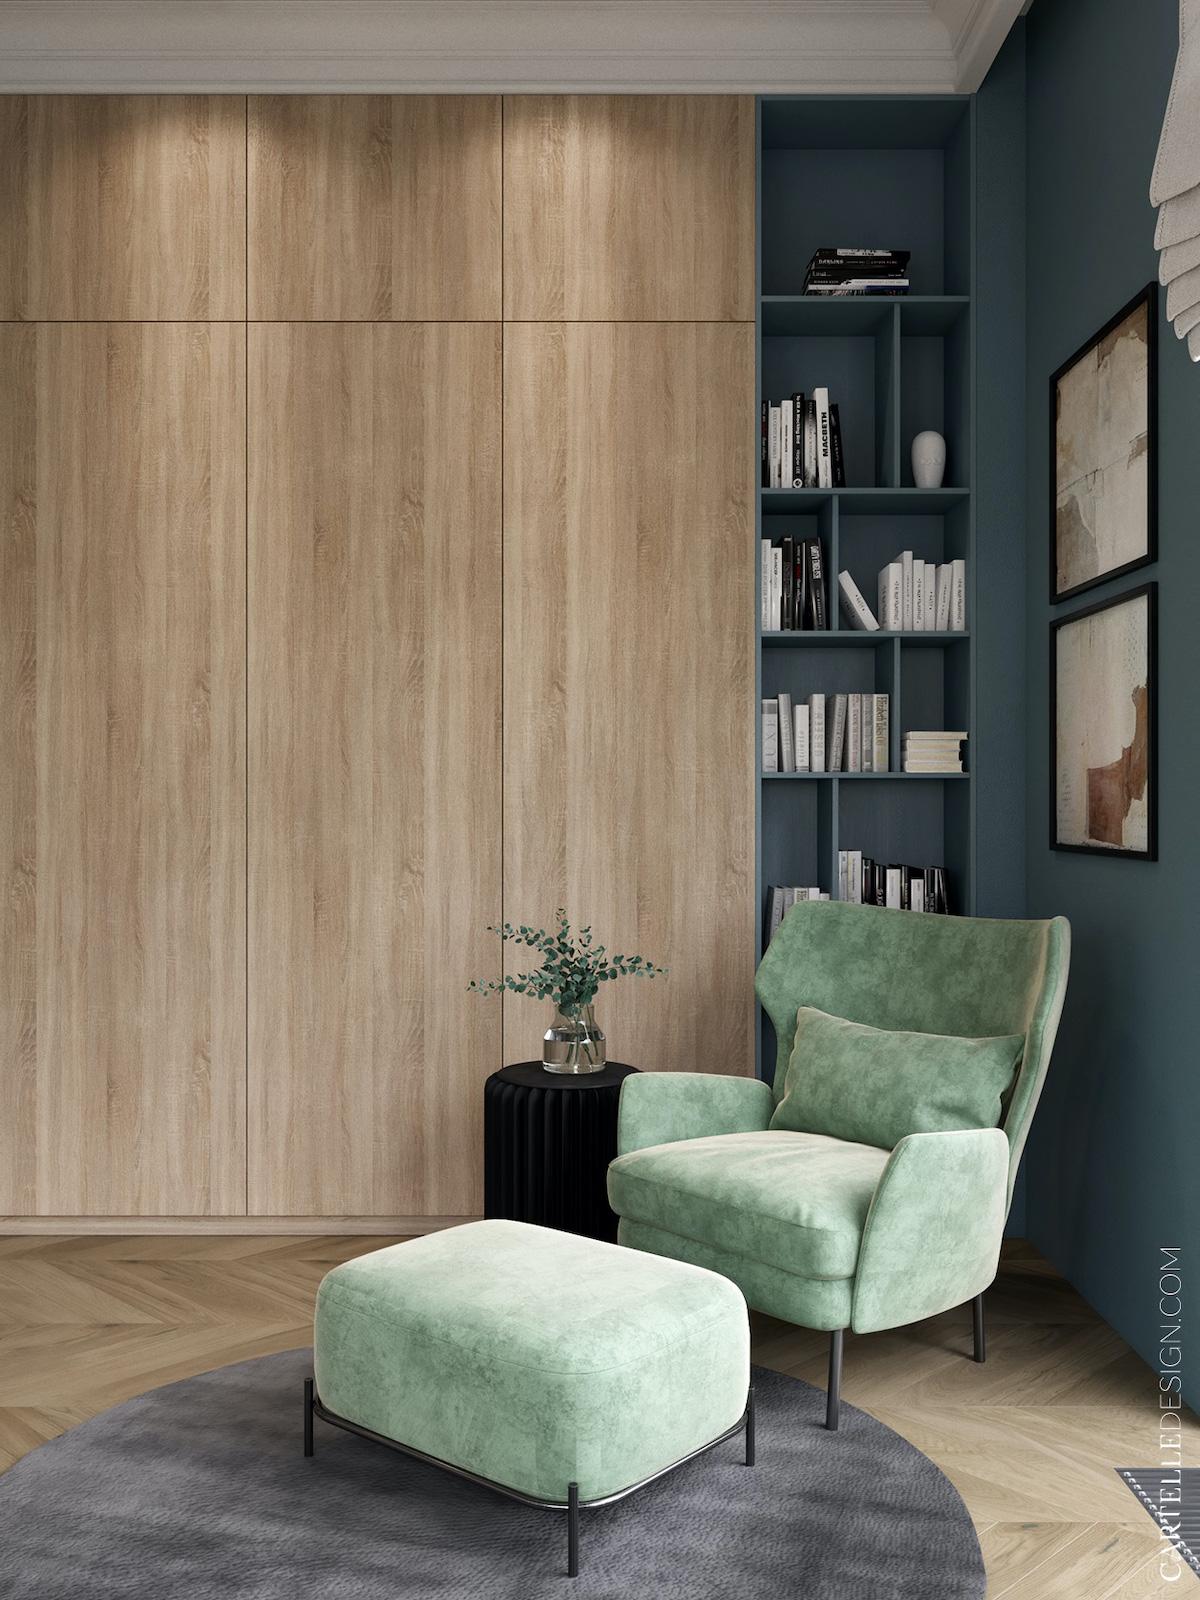 espace cosy chambre bleue verte fauteuil velours espace lecture bibliothèque case sur-mesure